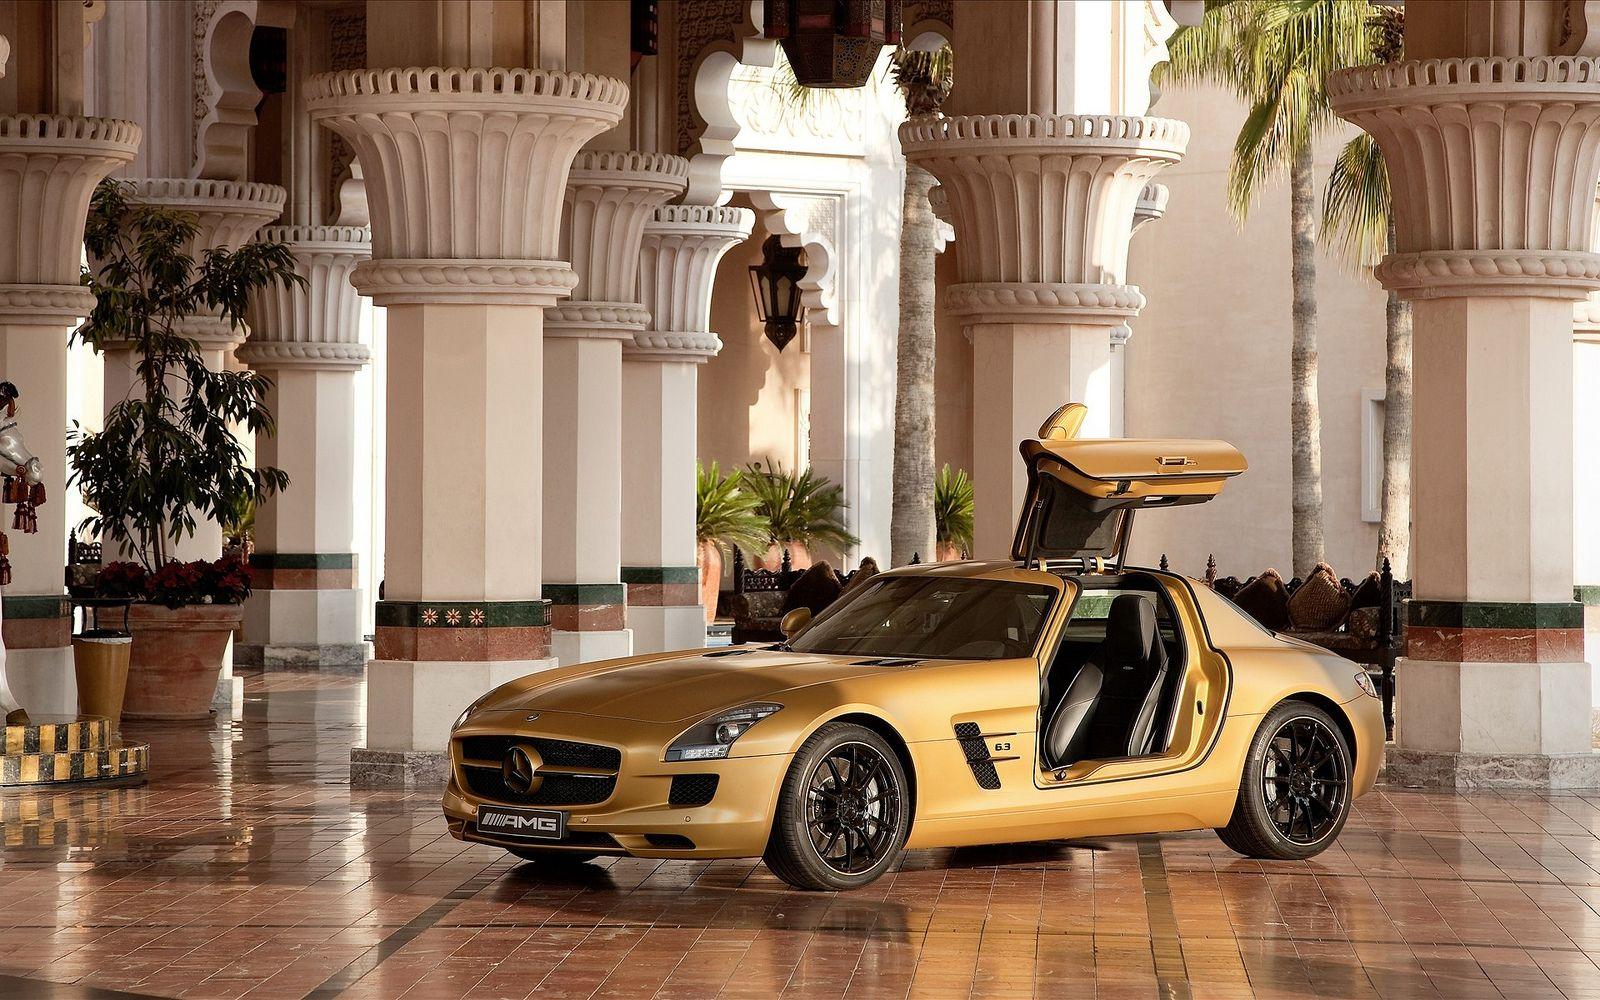 Mercedes Sls Amg 6 3 Mercedes Benz Sls Amg Mercedes Sls